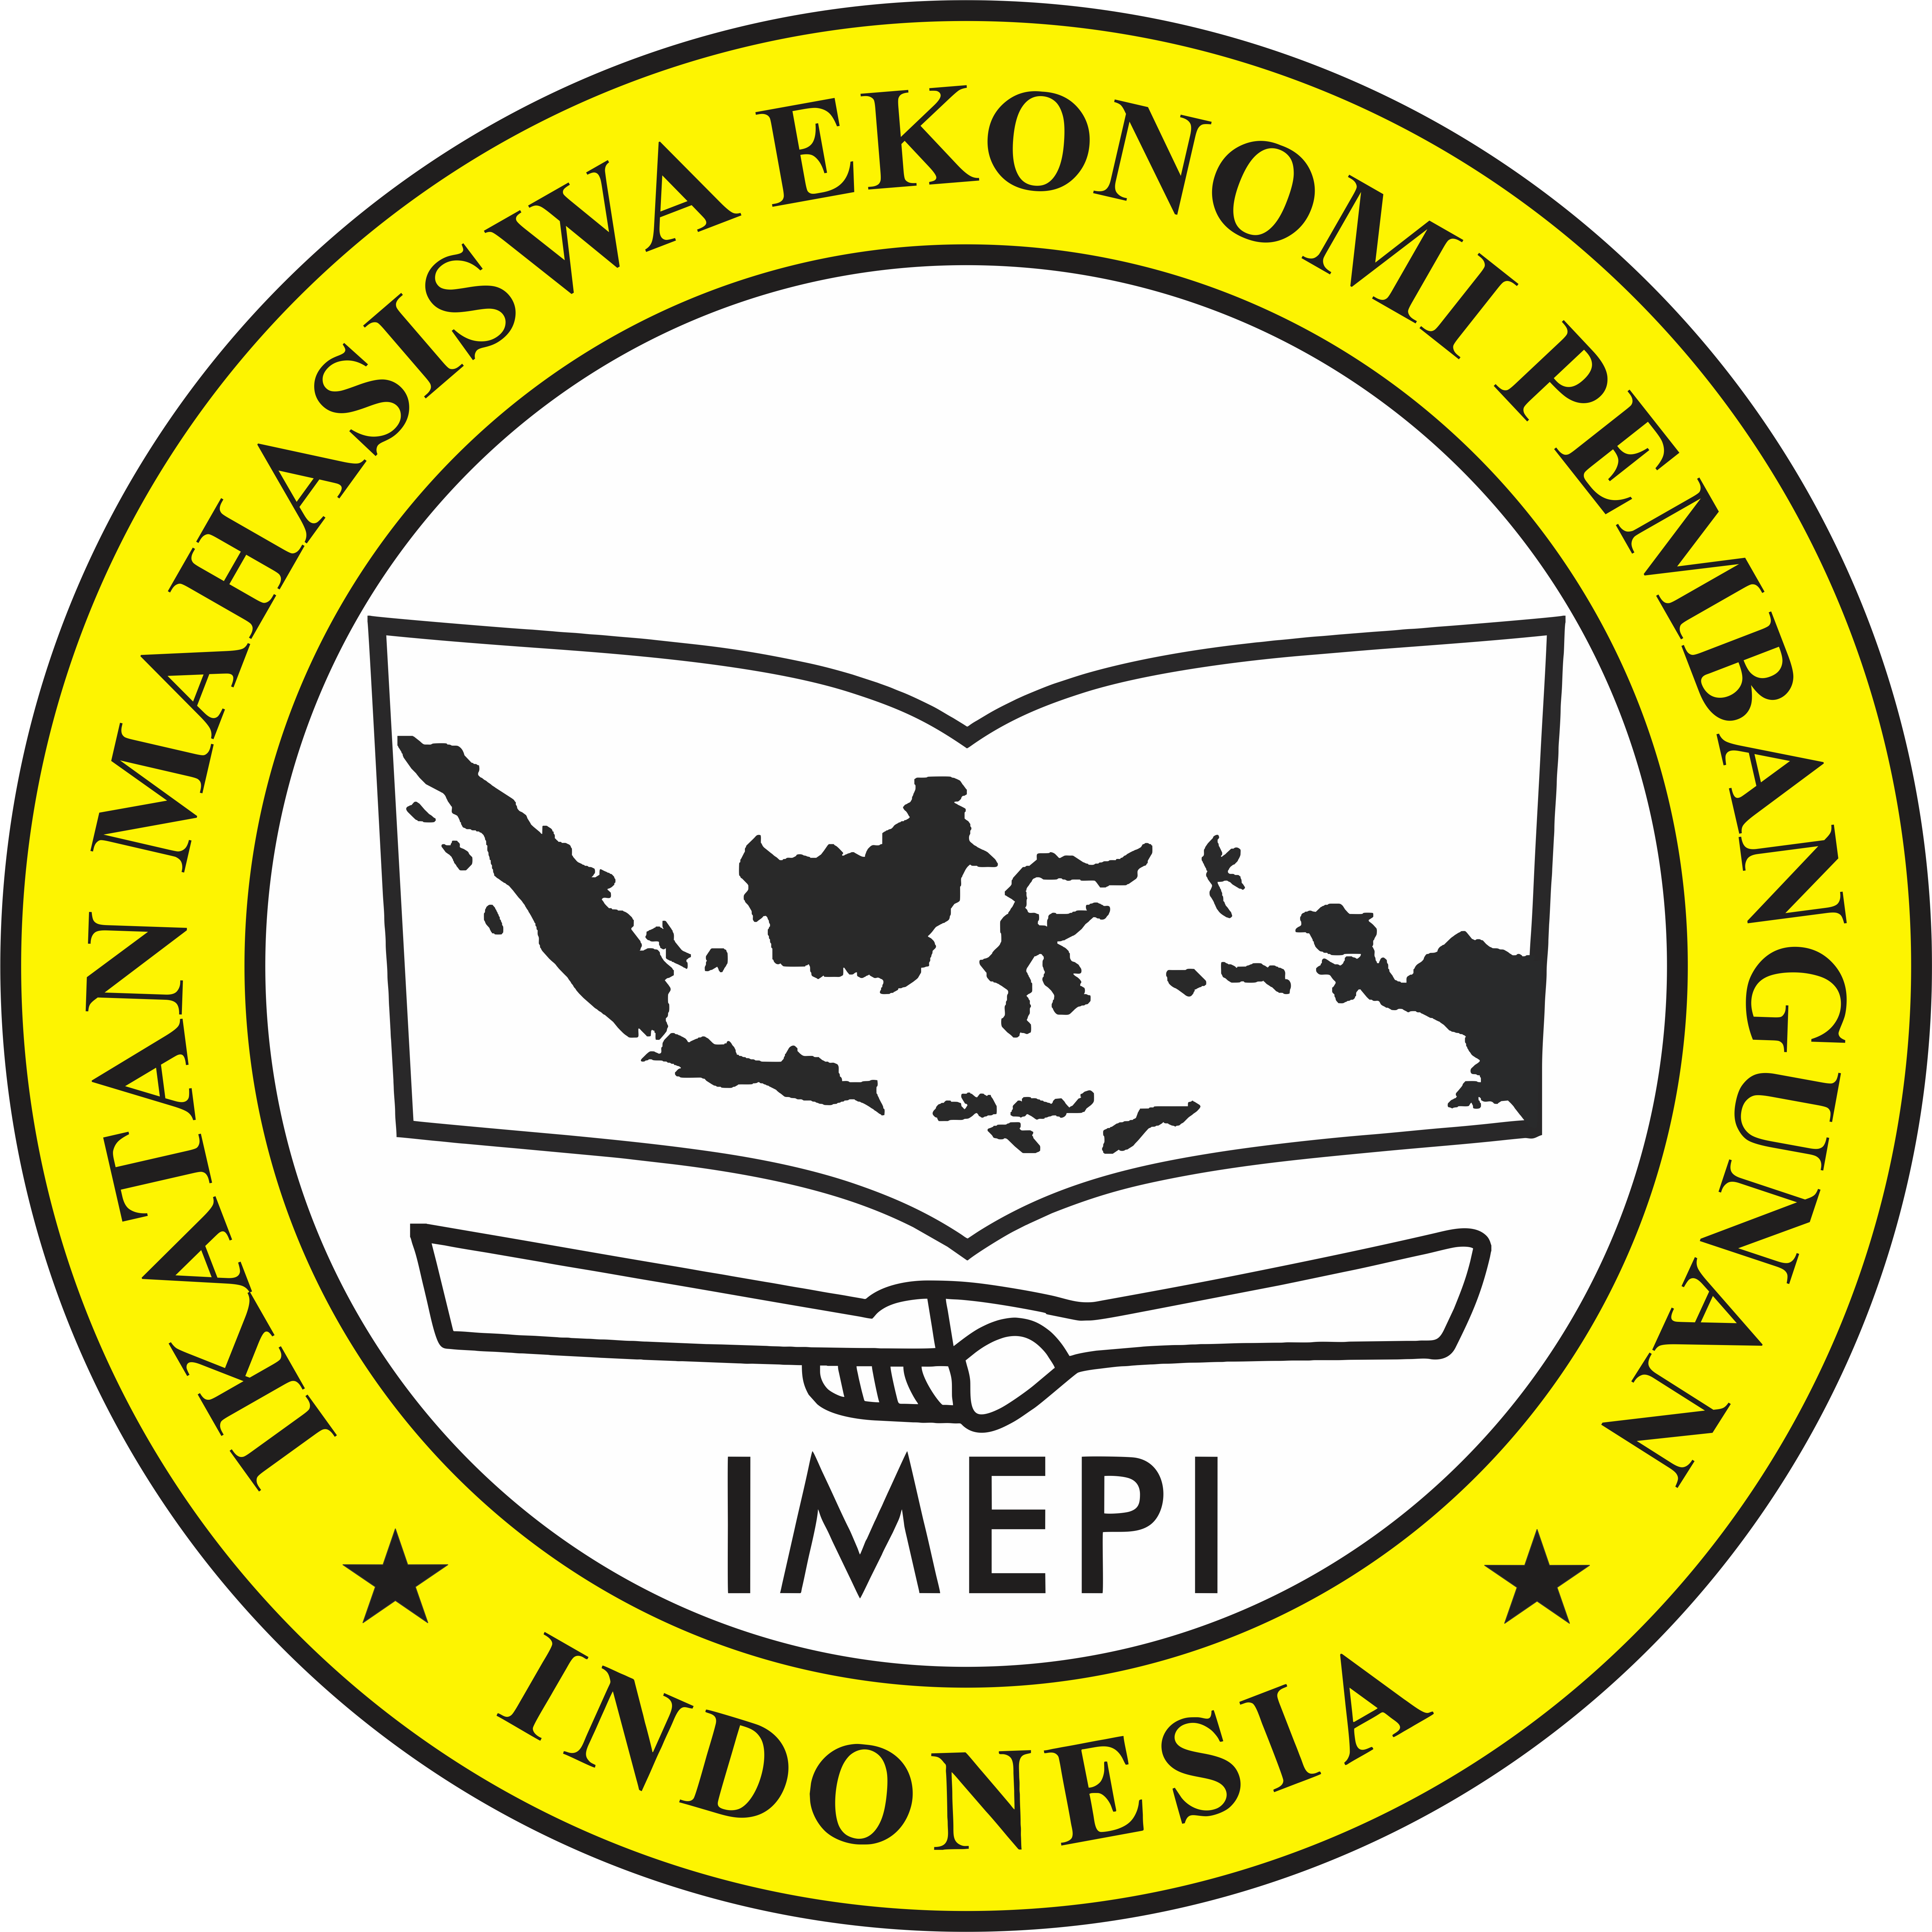 IMEPI